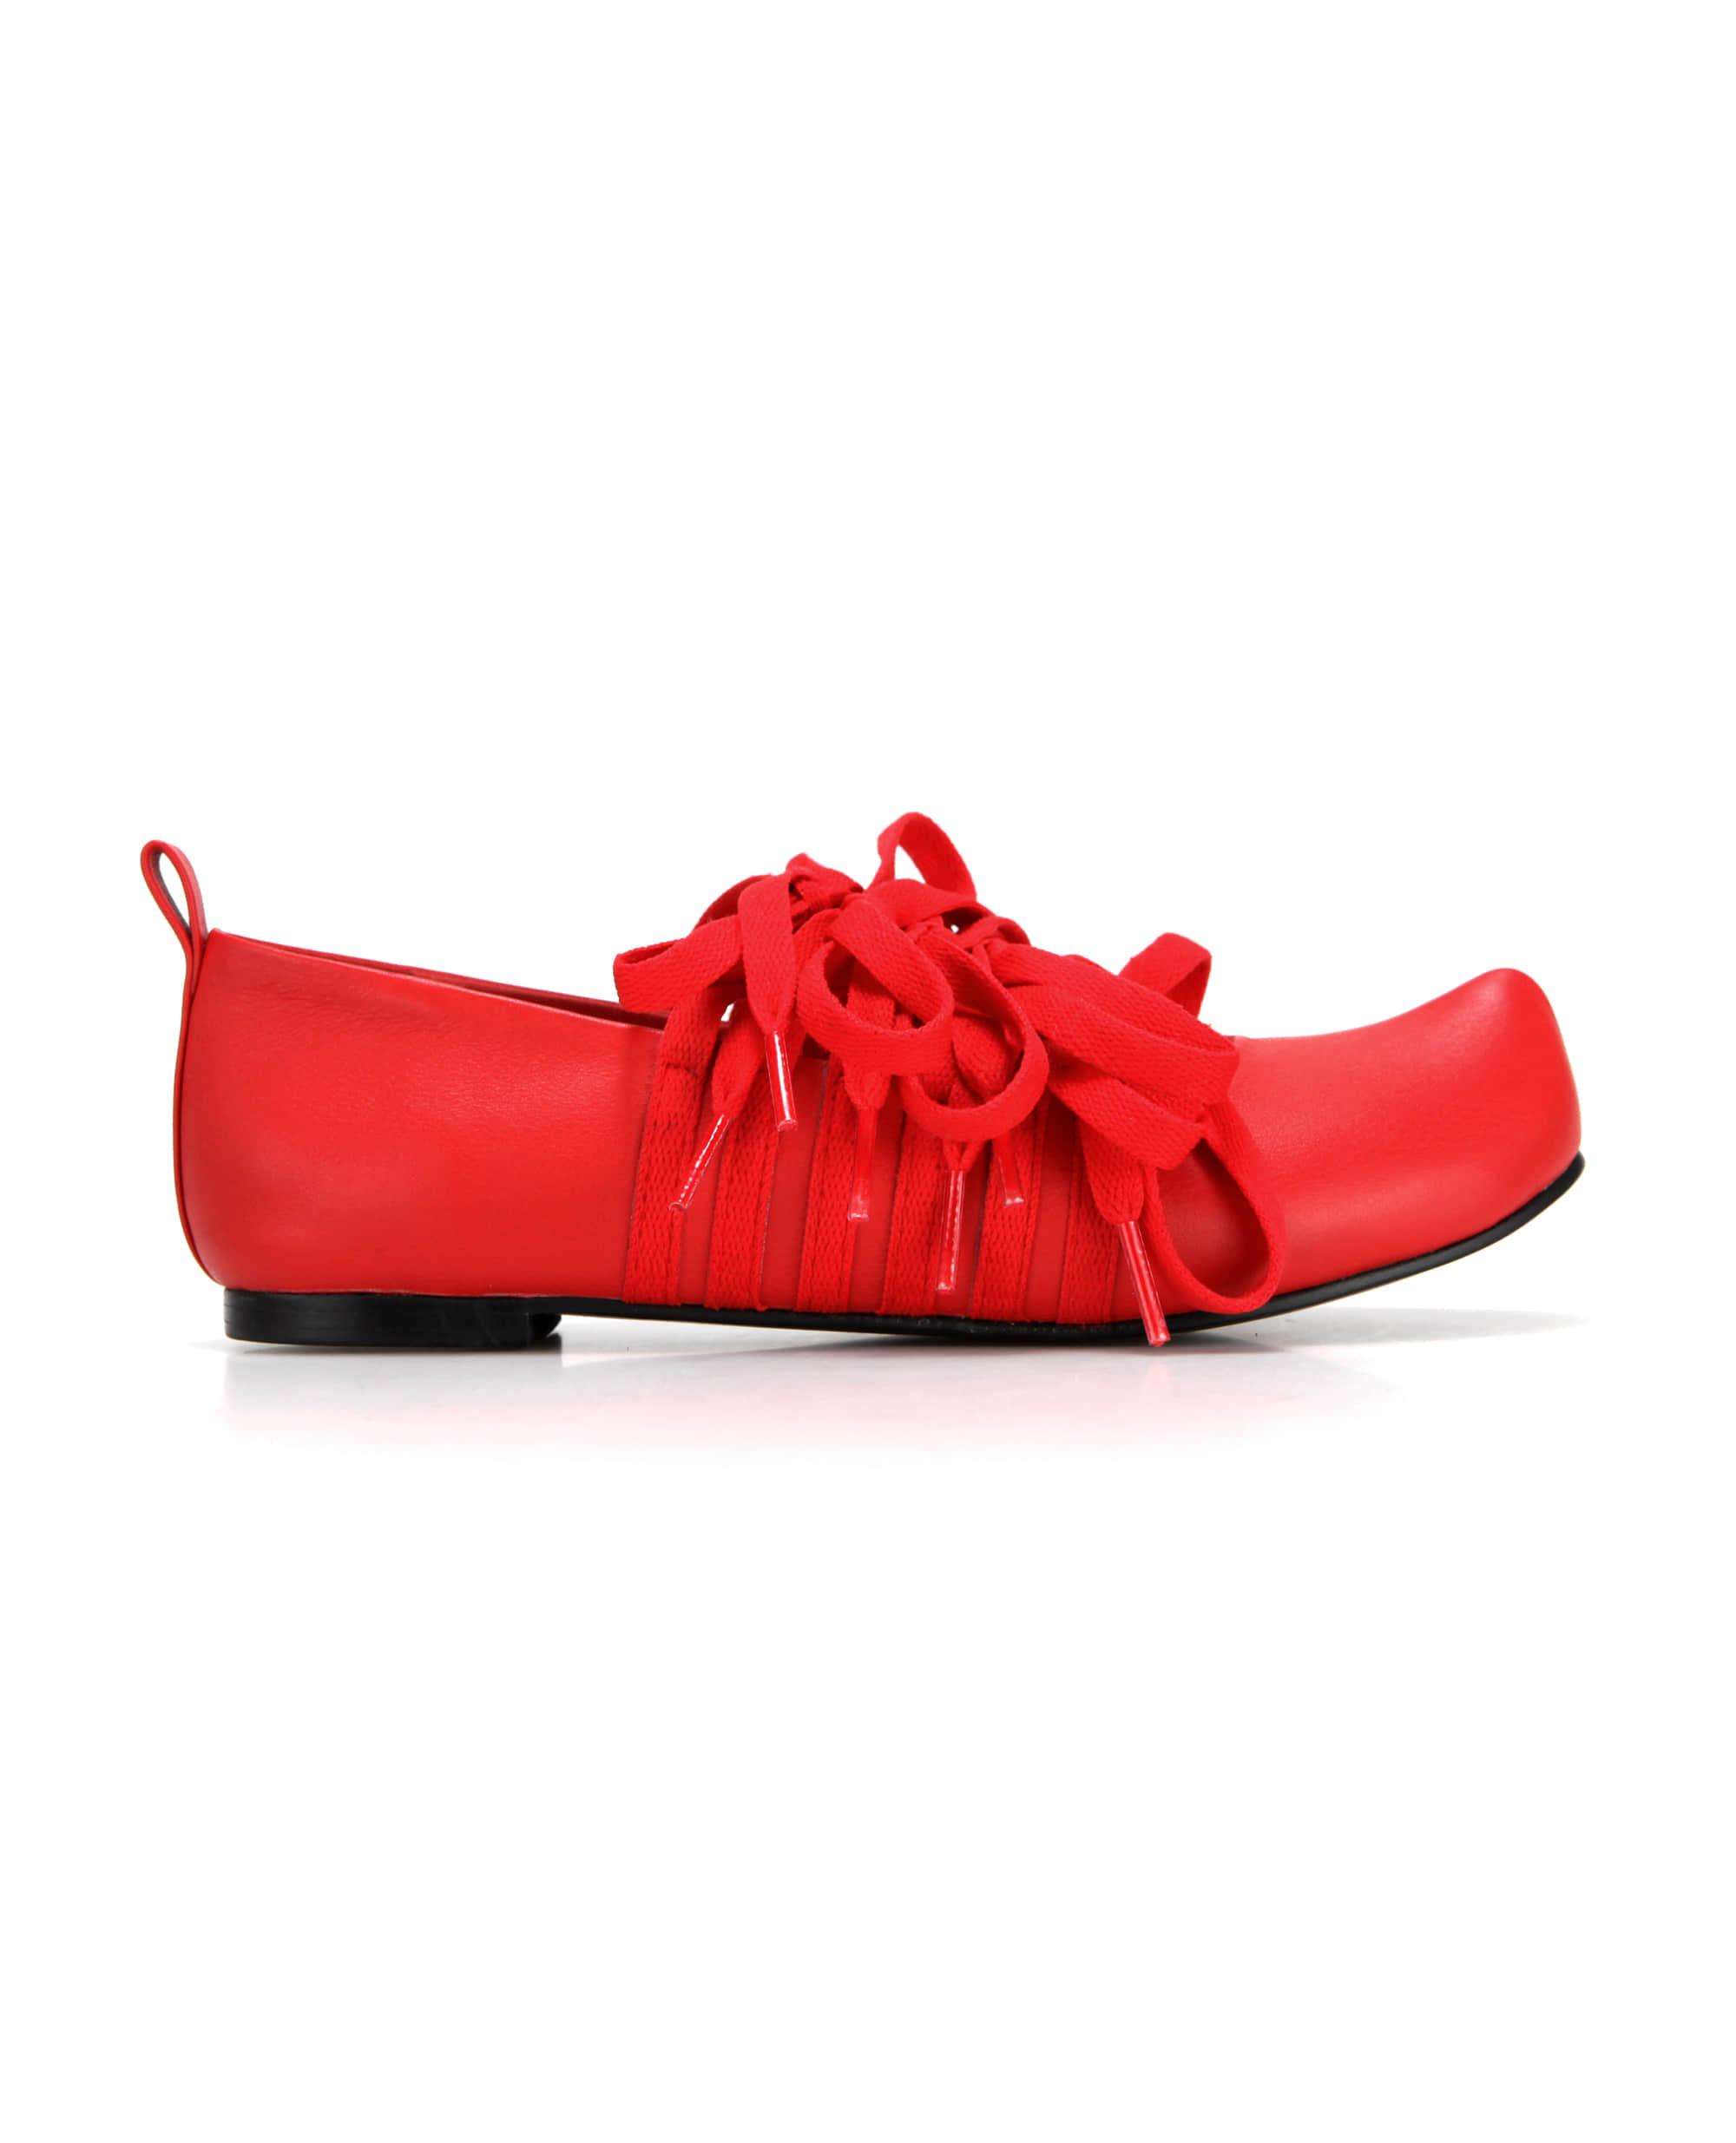 플랫아파트먼트, 립슈레이스슈즈, 슈즈, 신발, 구두, 플랫슈즈, 리본슈즈, flatapartment, flat apartment, rib shoelaces, flats, flat shoes, shoes, Seoul fashion, k fashion, flat apartment shoes, platforms, platform shoes